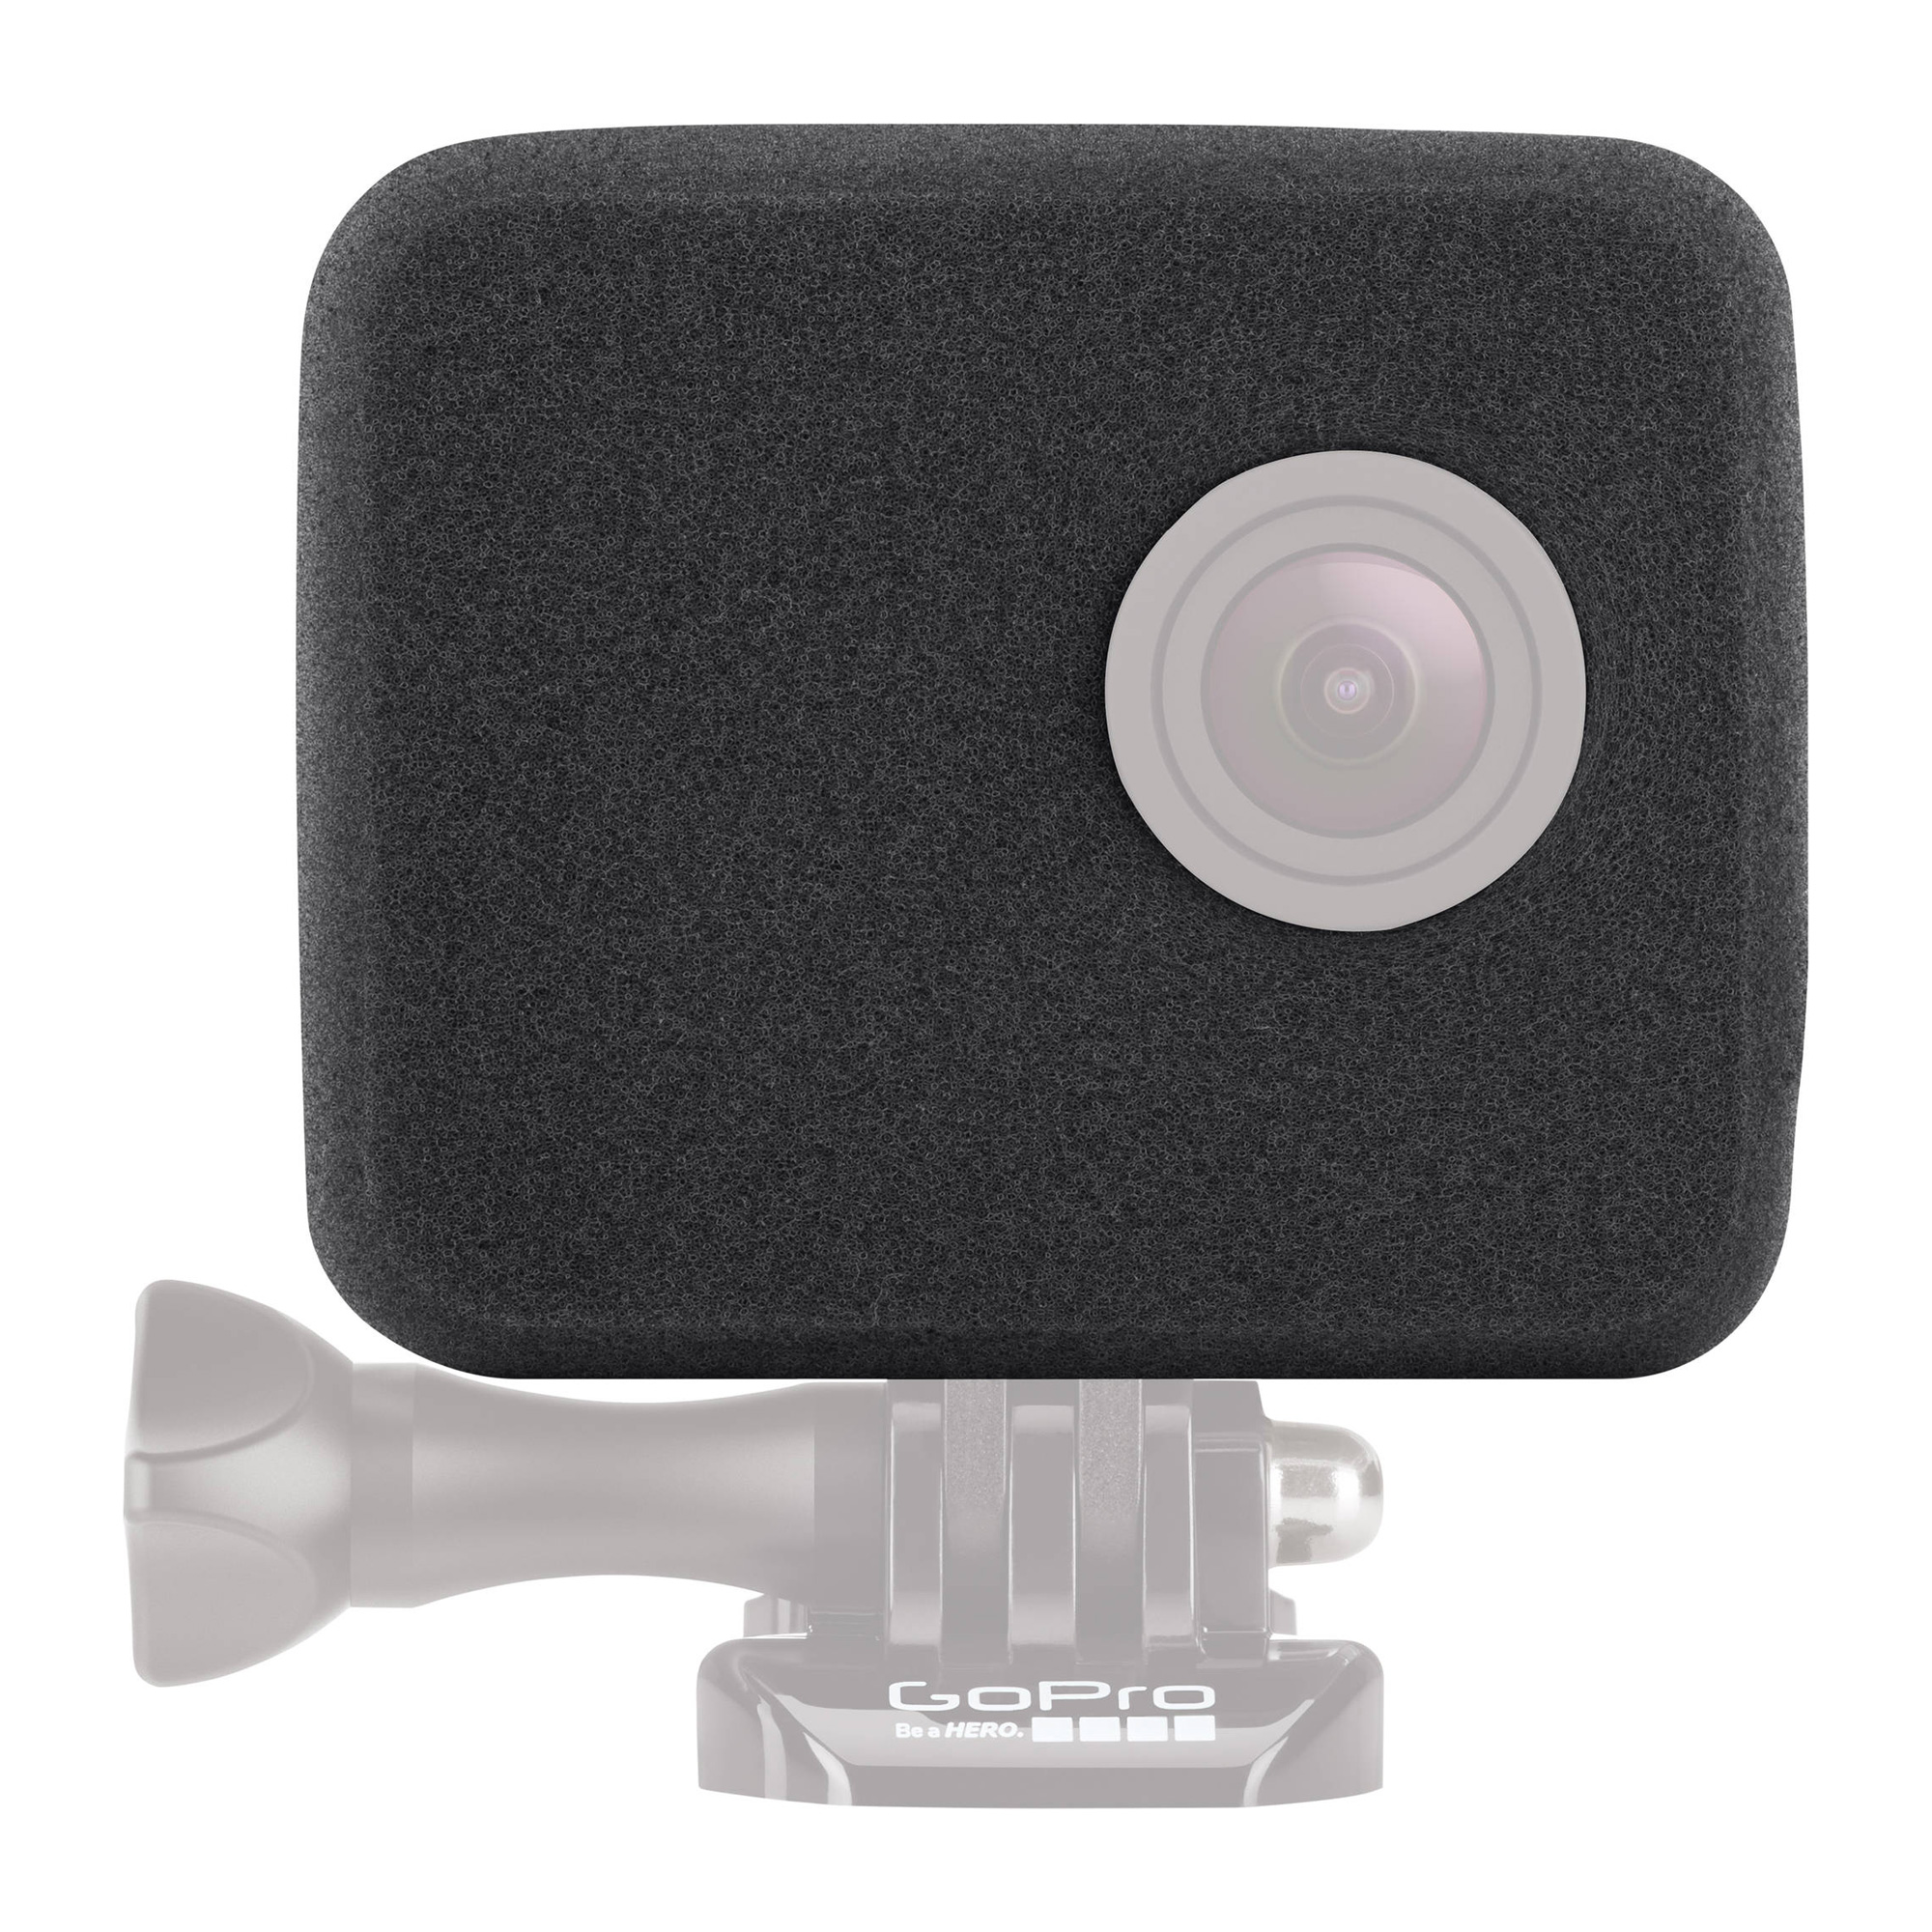 GoPro Official Accessory GoPro WindSlayer Foam Windscreen